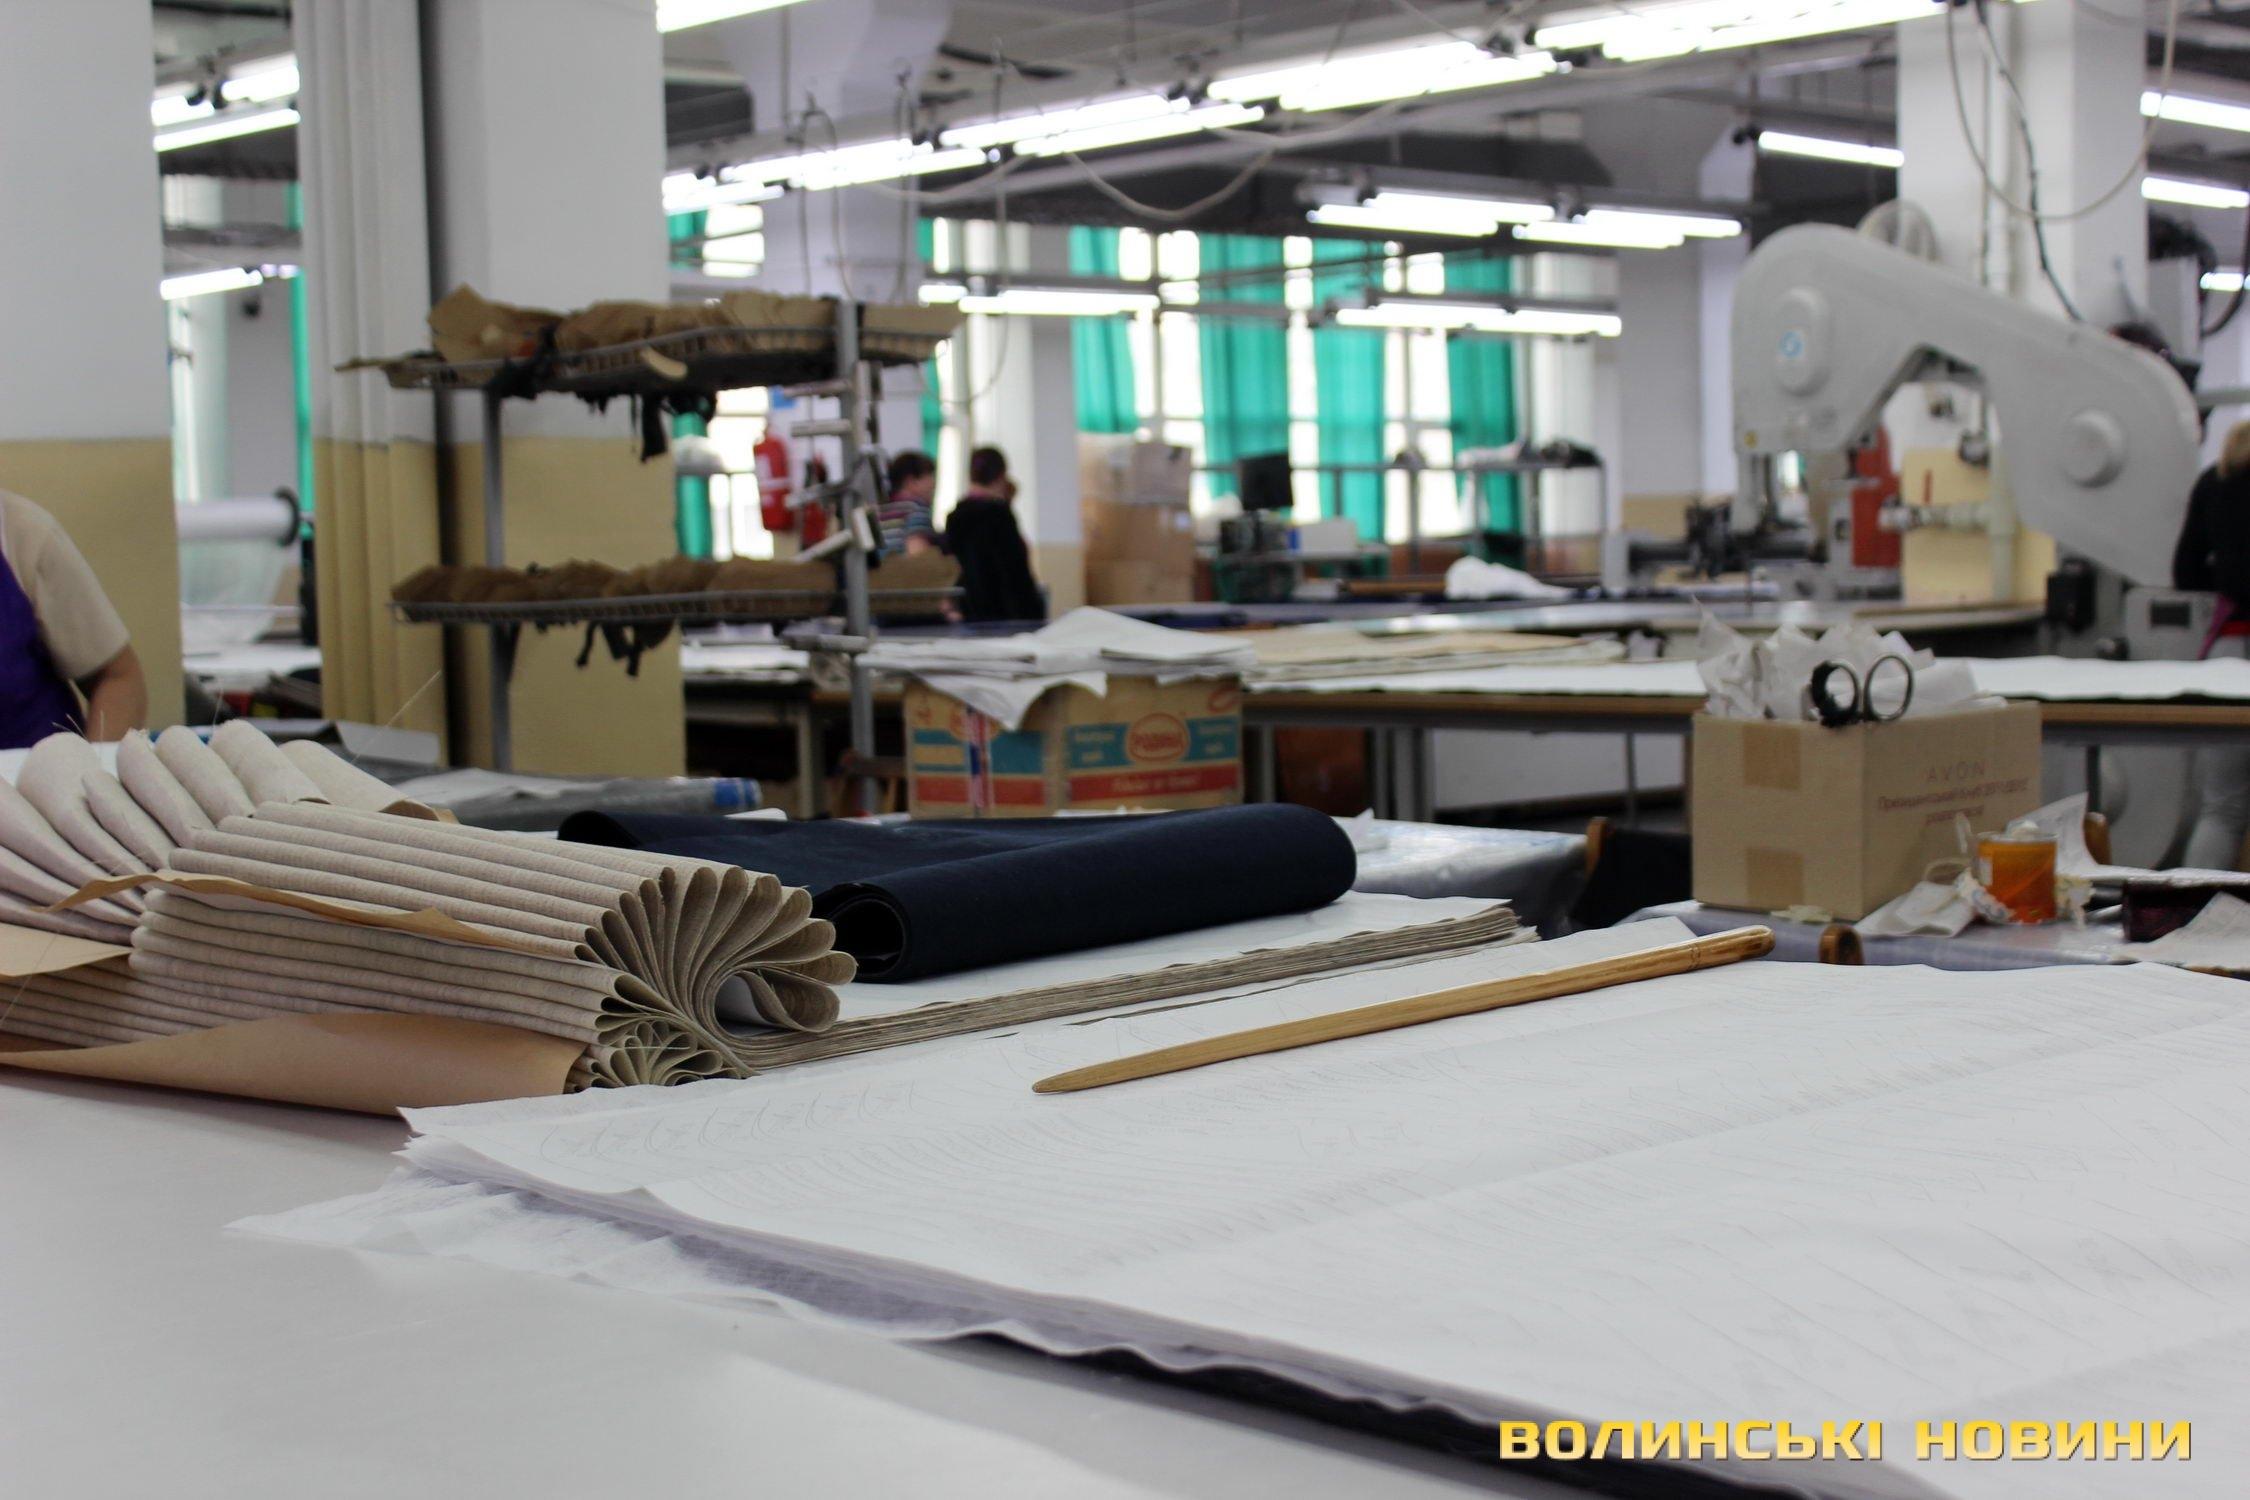 87cb17fc220459 Загалом процес виробництва в нас розділений, кожен знає, що має роботи, і  відповідає за свою ділянку праці», – сказала Стелла Станкевич.